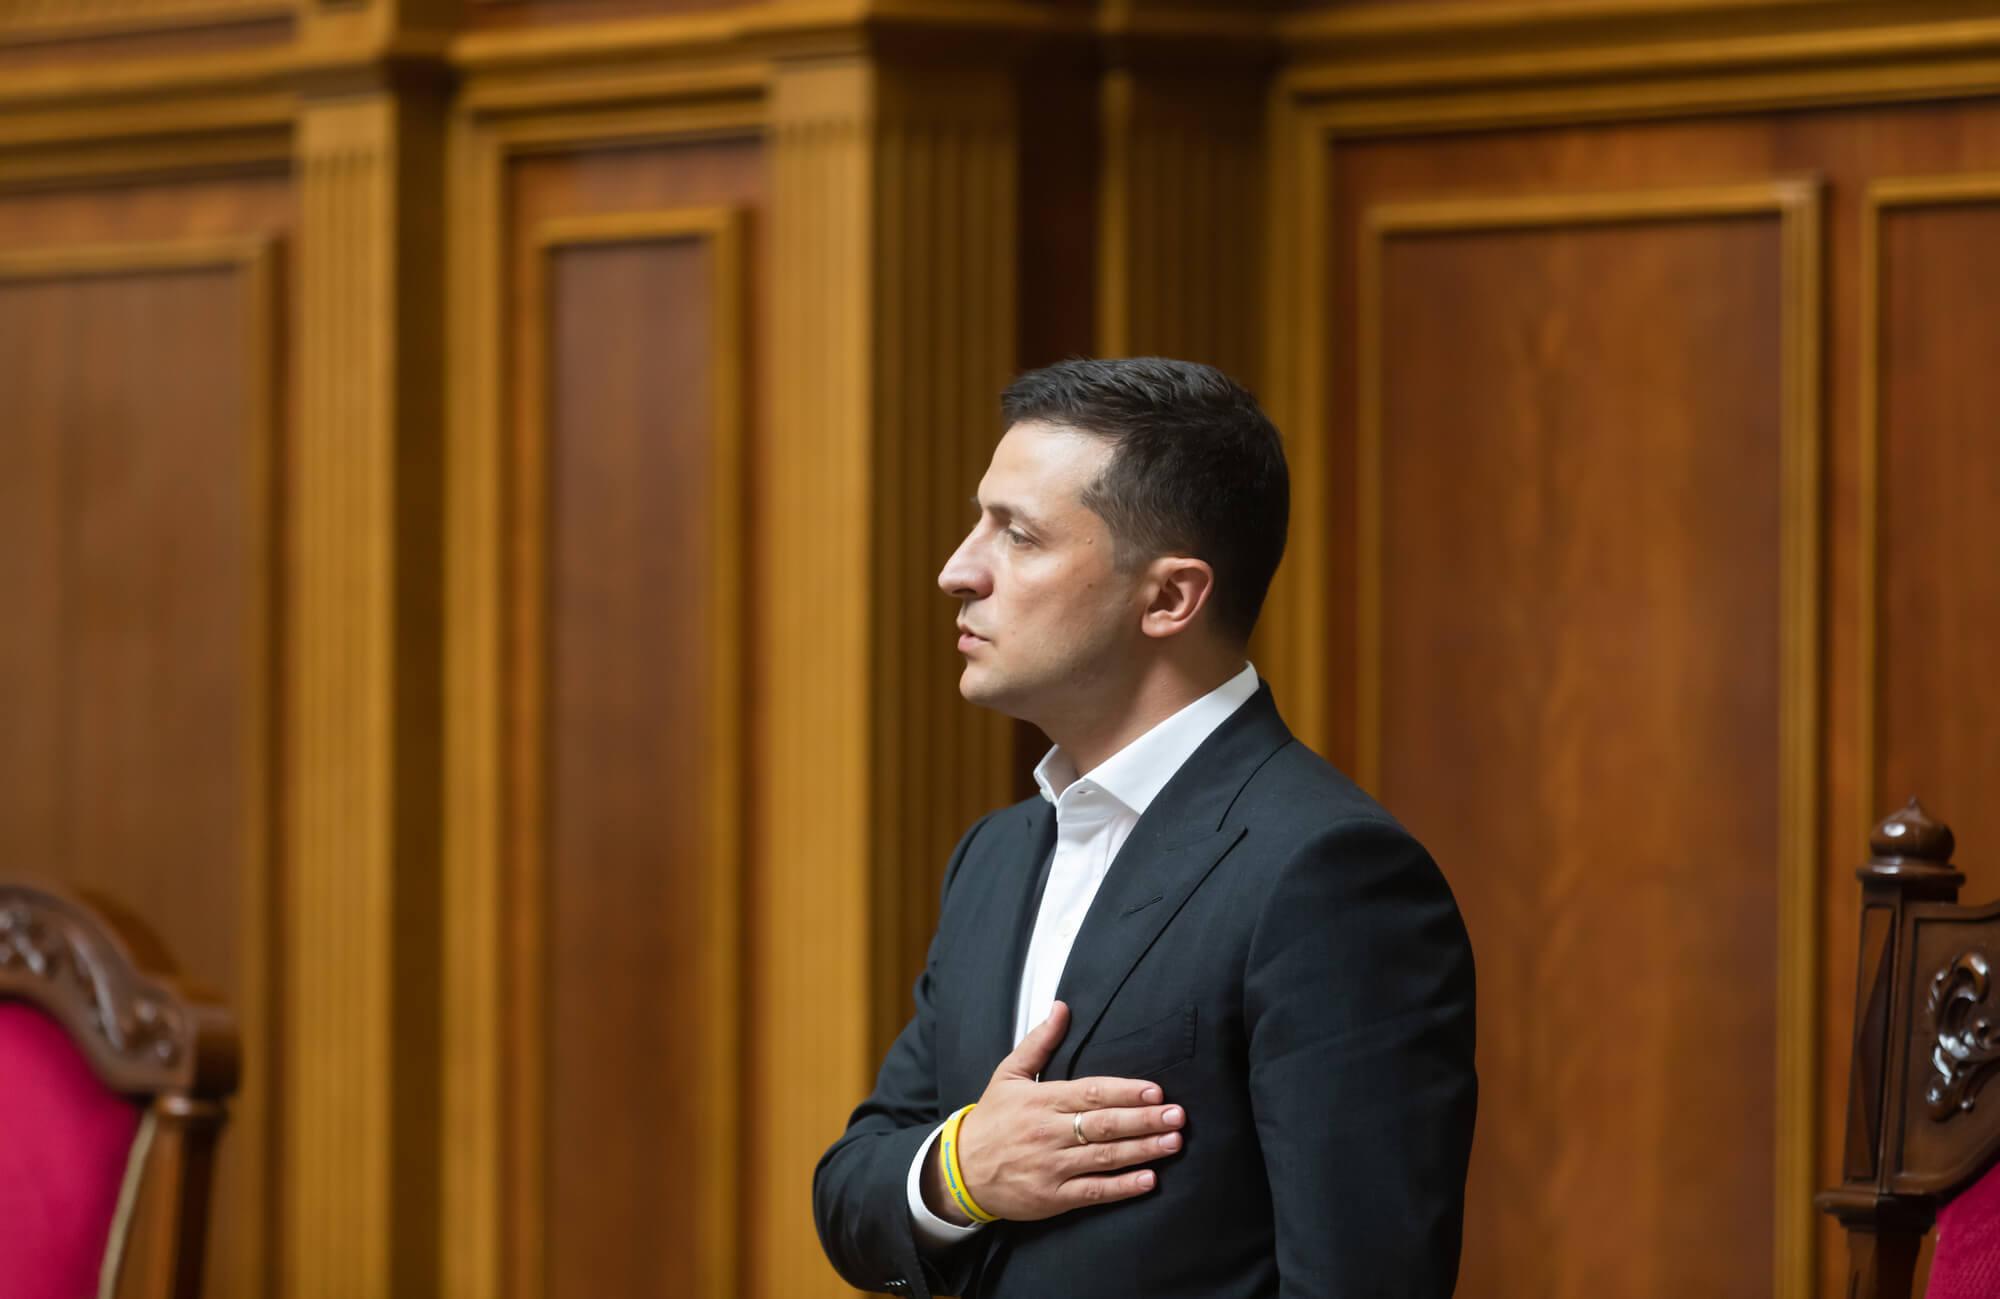 100 днів Донбасу. Що Зеленському вдалося змінити на лінії розмежування, а що – ні